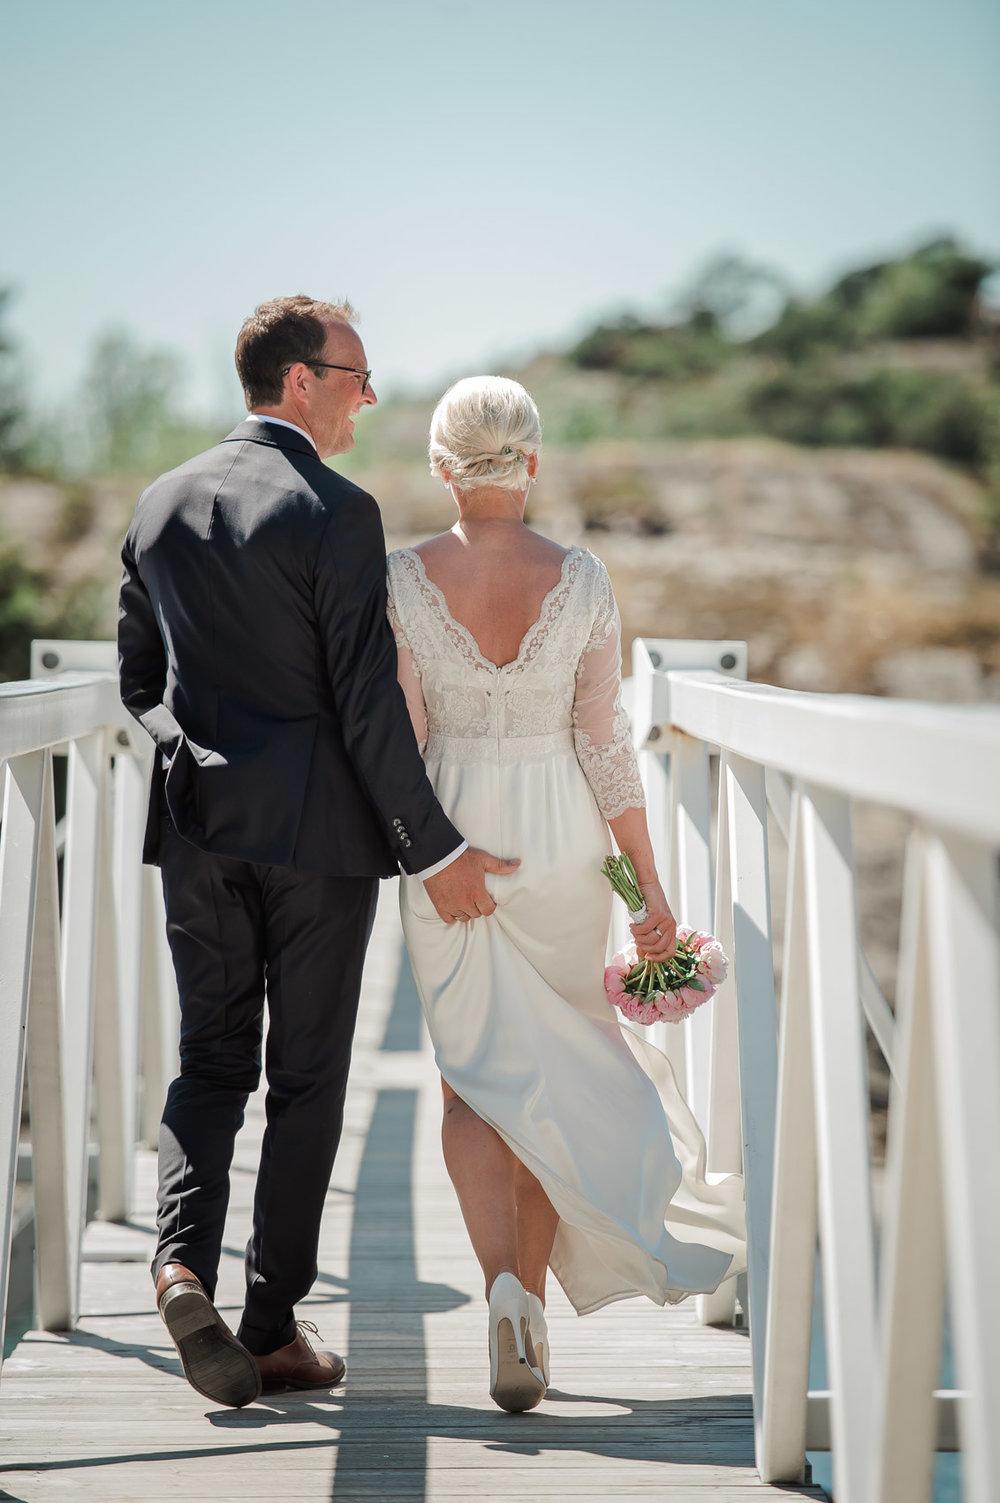 bryllup-fotograf-tønsberg-bryllupsfotograf-langesund bad-33.jpg